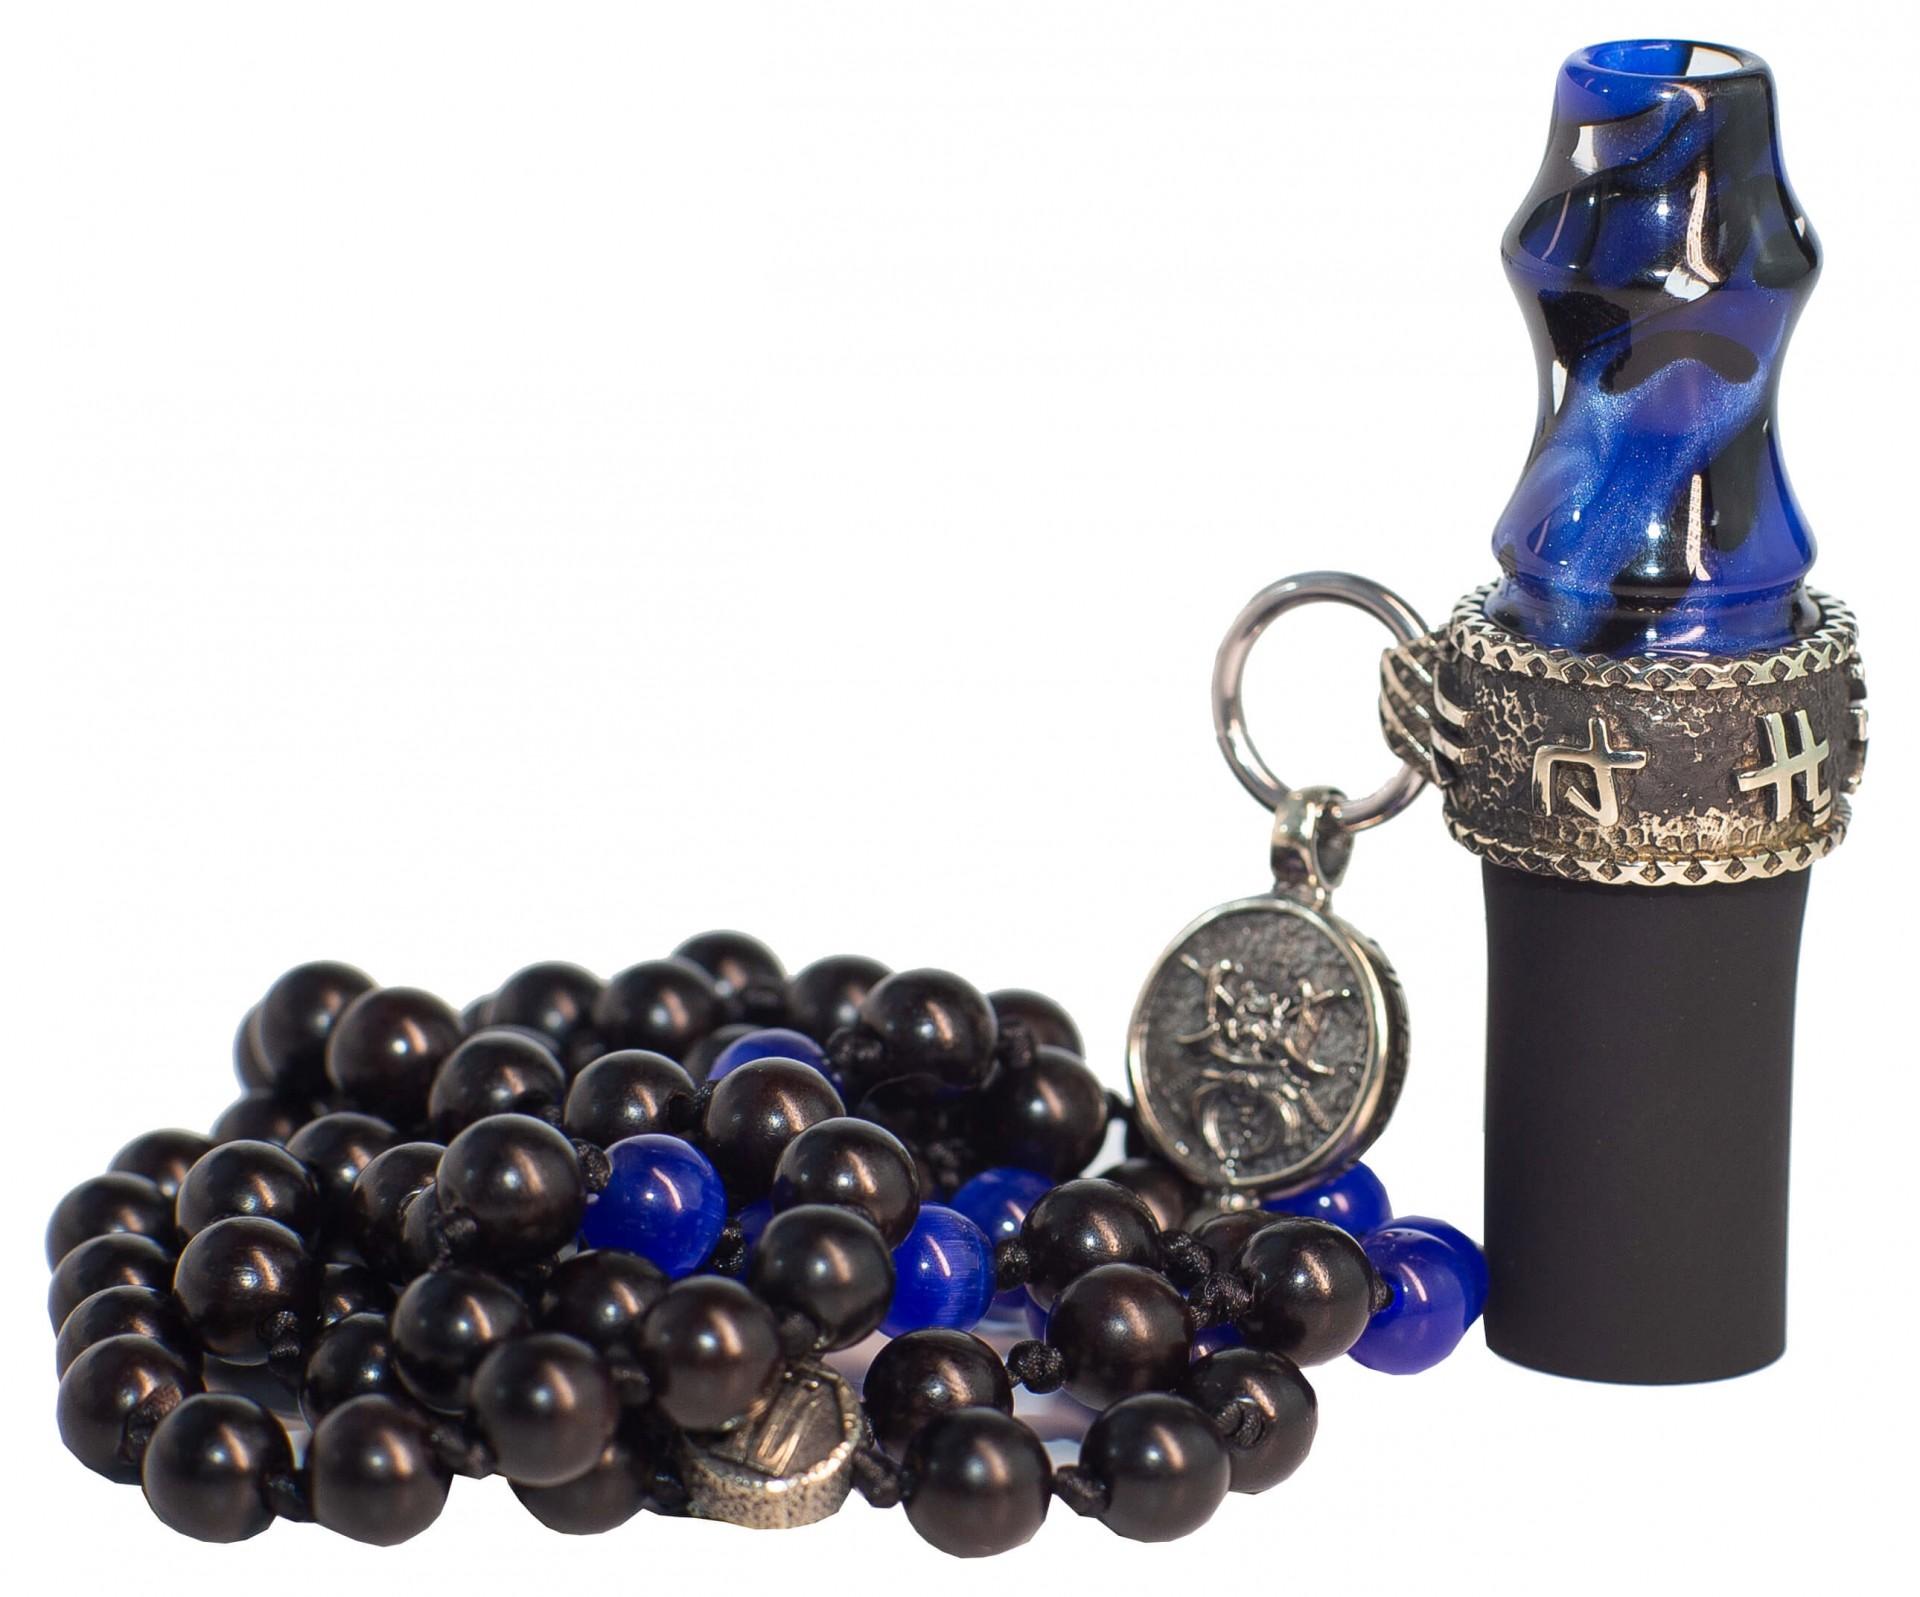 Персональний мундштук Japona Samurai Blue Beads